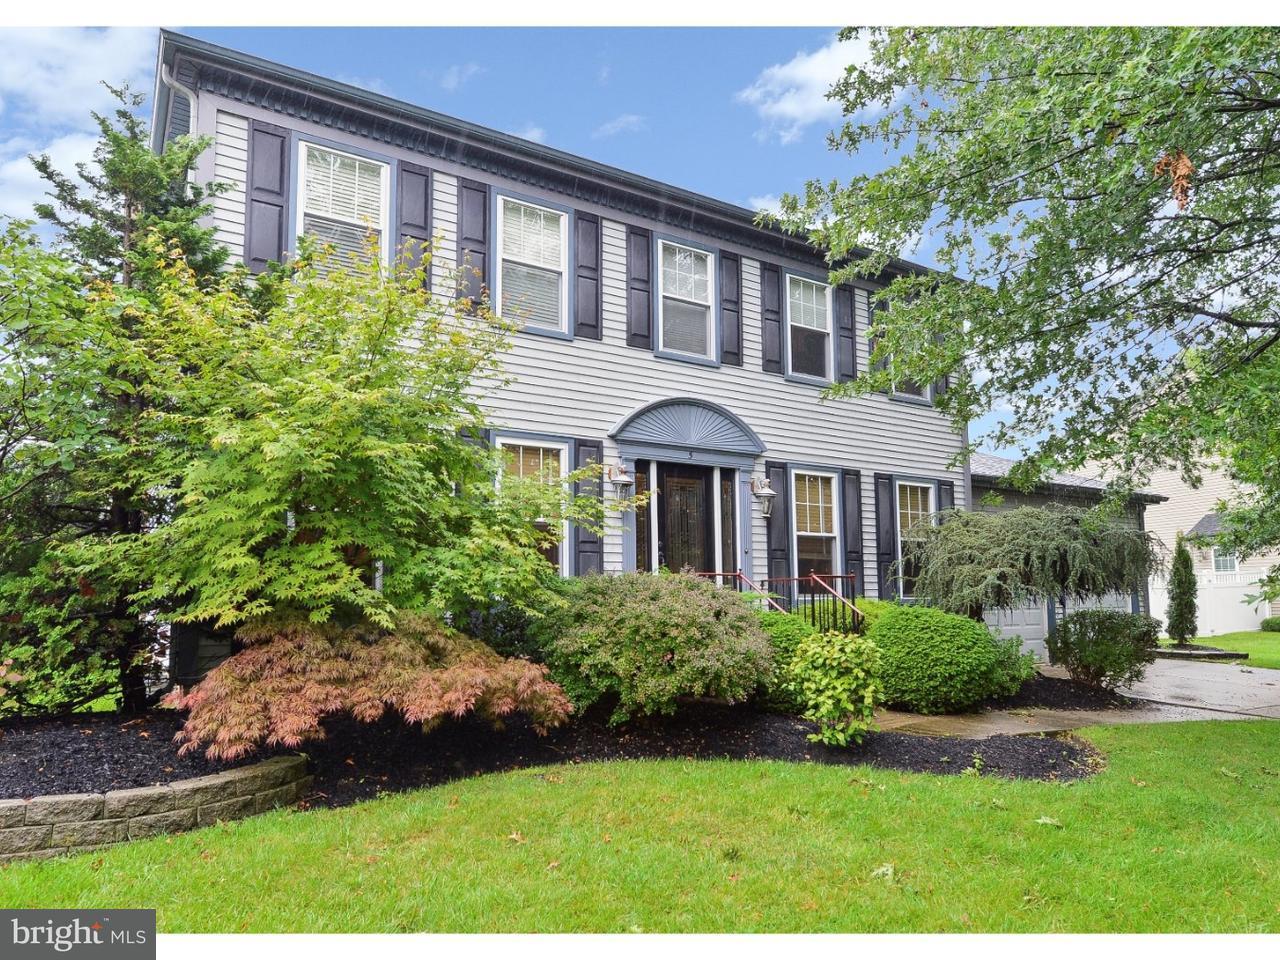 独户住宅 为 销售 在 5 COATSBRIDGE Drive Evesham Twp, 新泽西州 08053 美国